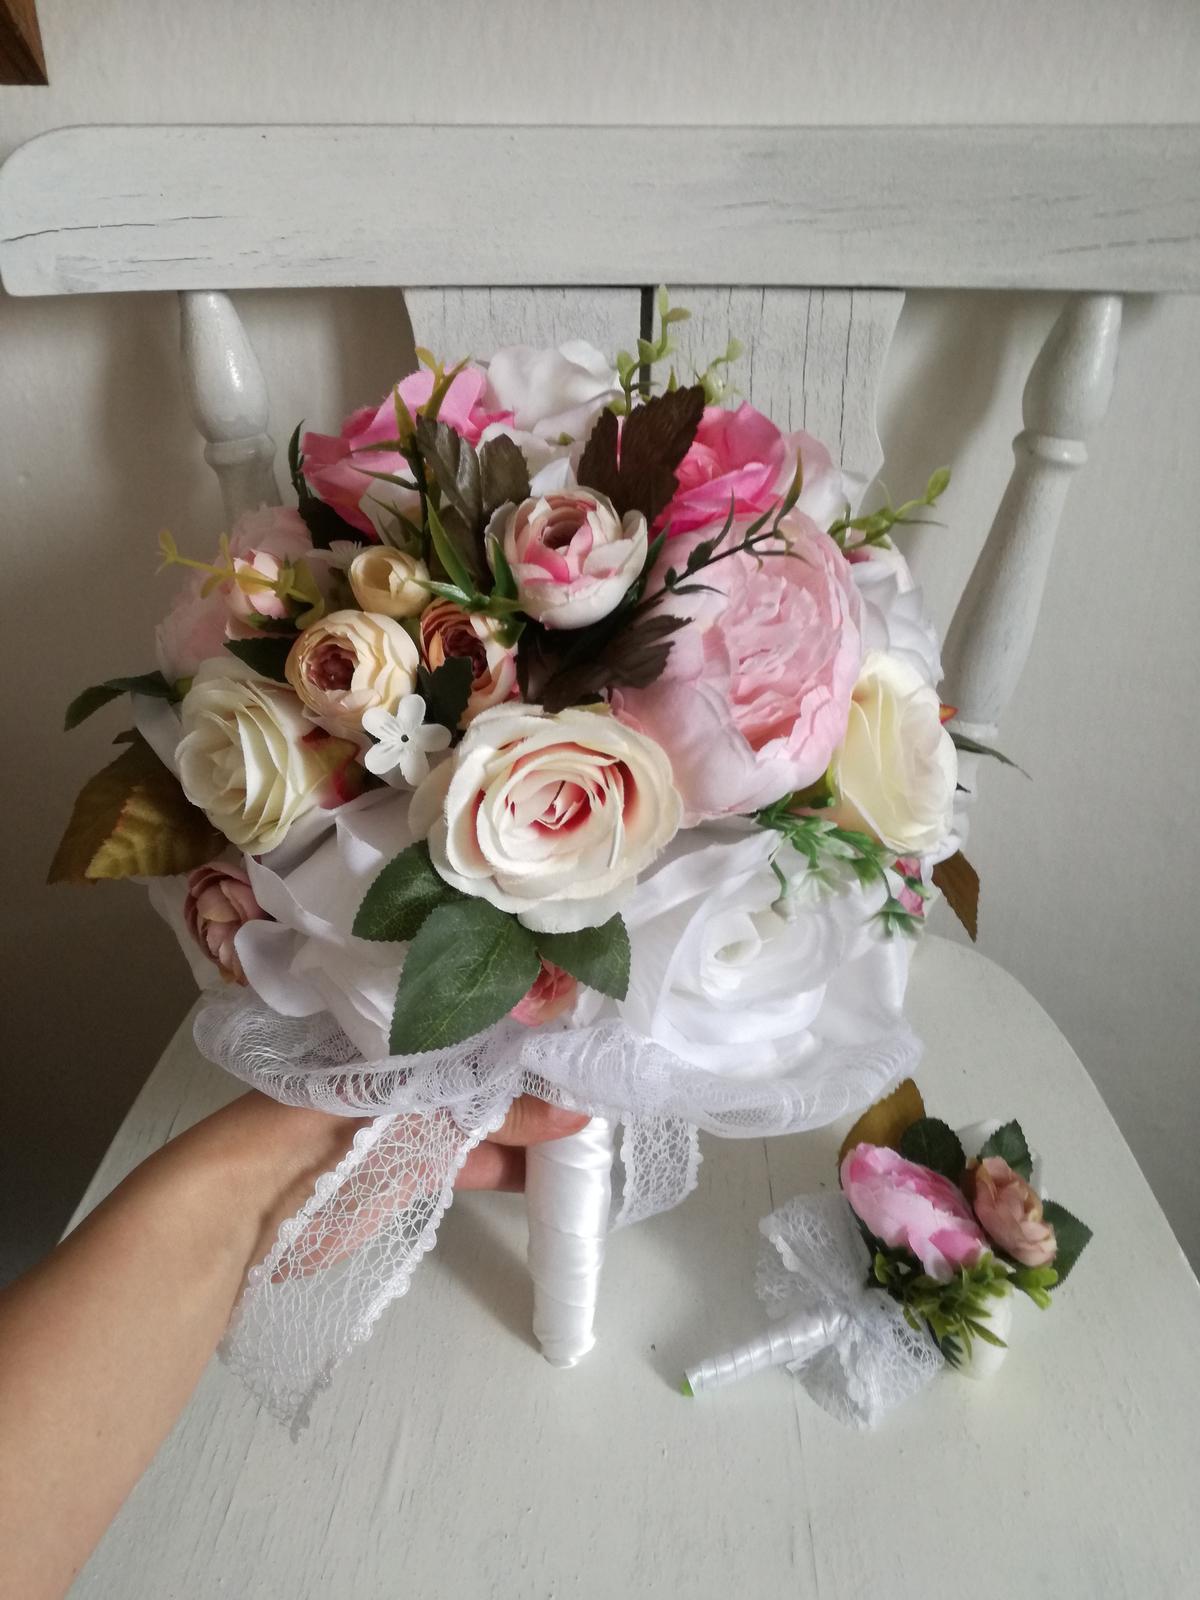 Z umelých kvetov - Obrázok č. 37